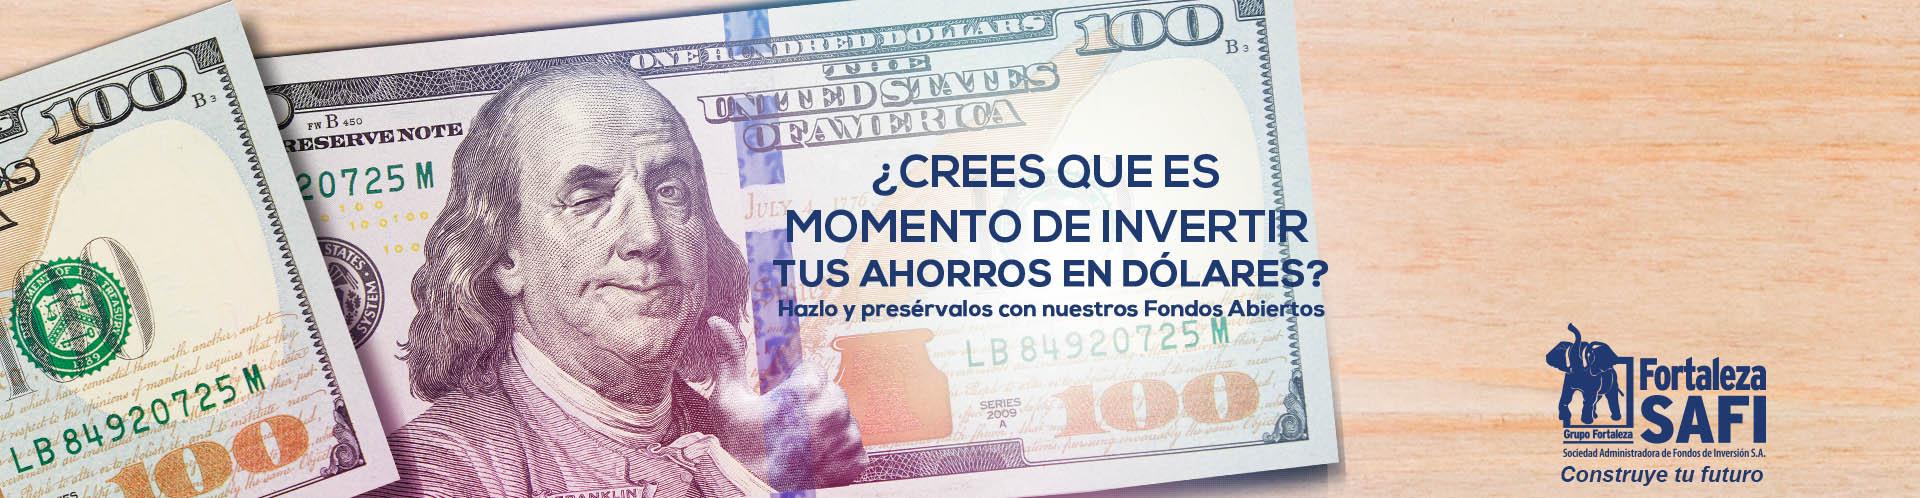 Invierte en dólares